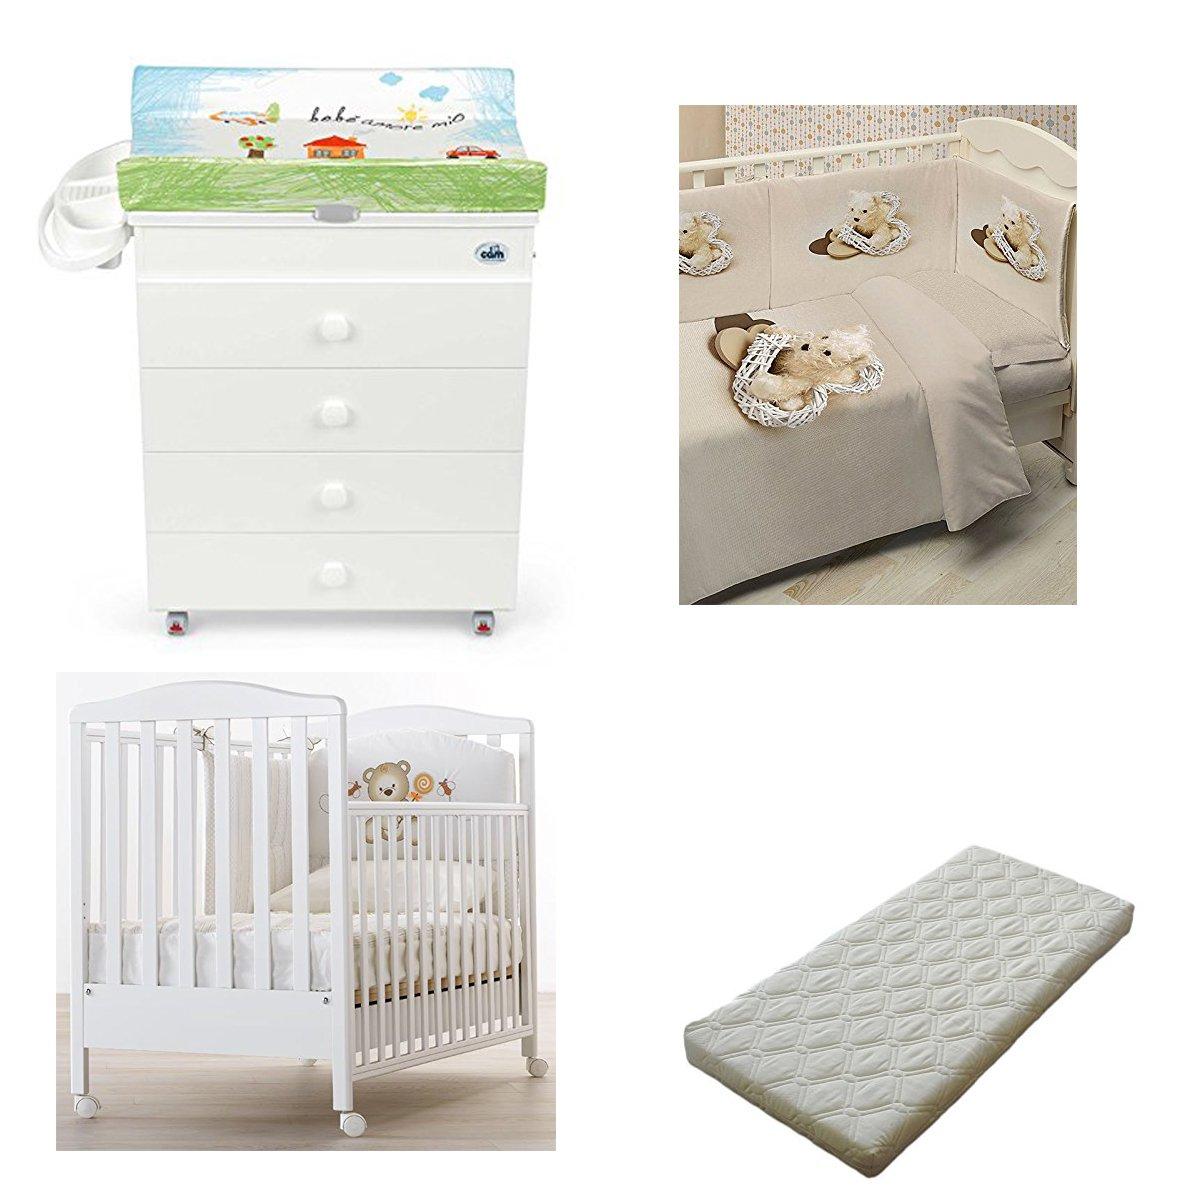 Kinderbett Web Azzurra Design + Wickelauflage Asien Cam + Steppbett mit Fotodruck + Matratze Bezug CAGNOLINO